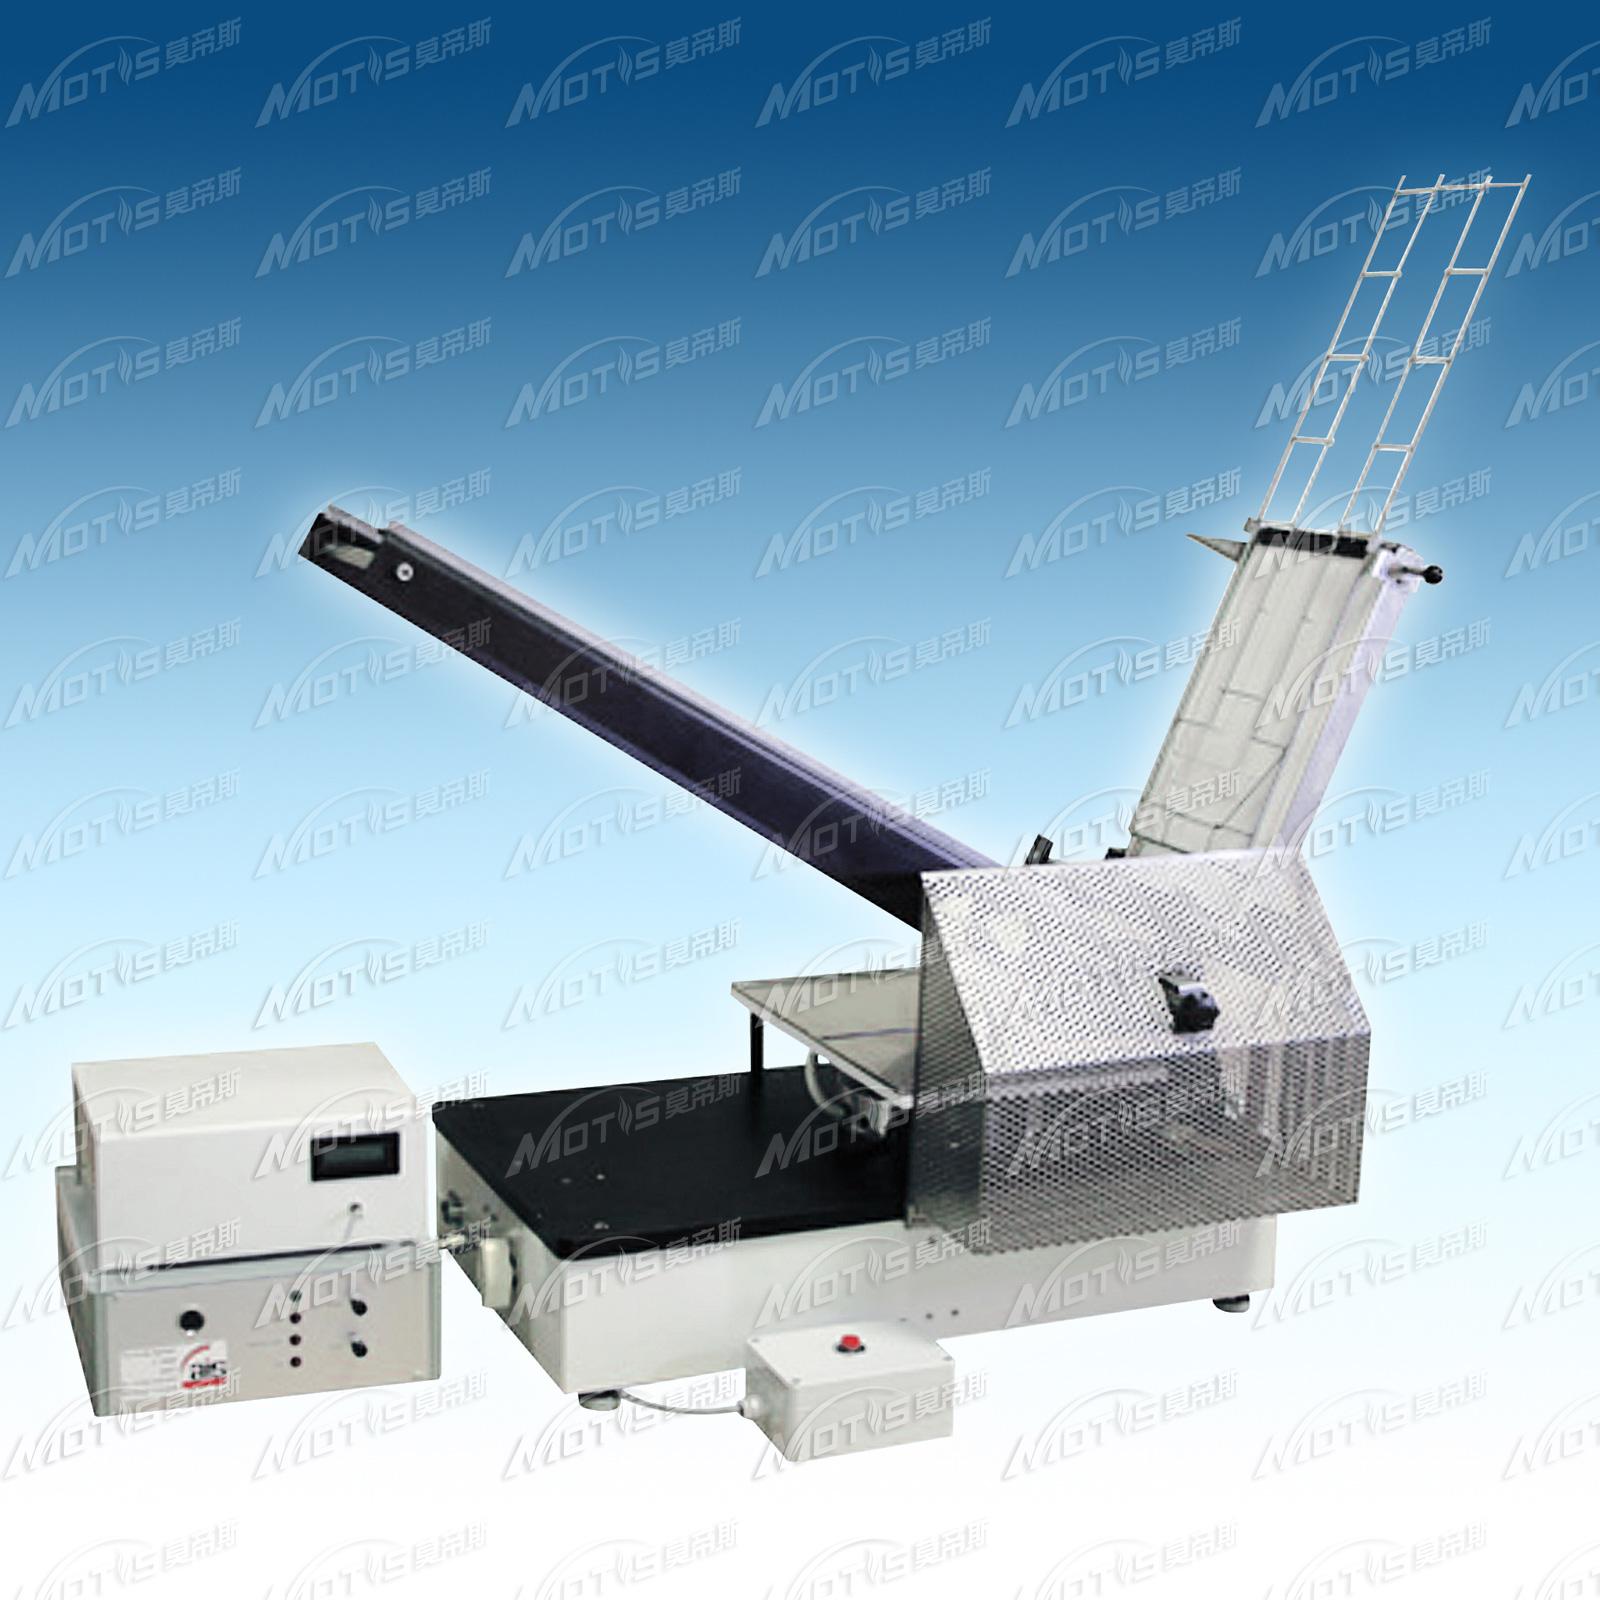 供求信息 >  物性测试仪器 >  燃烧测定仪 >  燃烧试验箱 >  电燃烧器